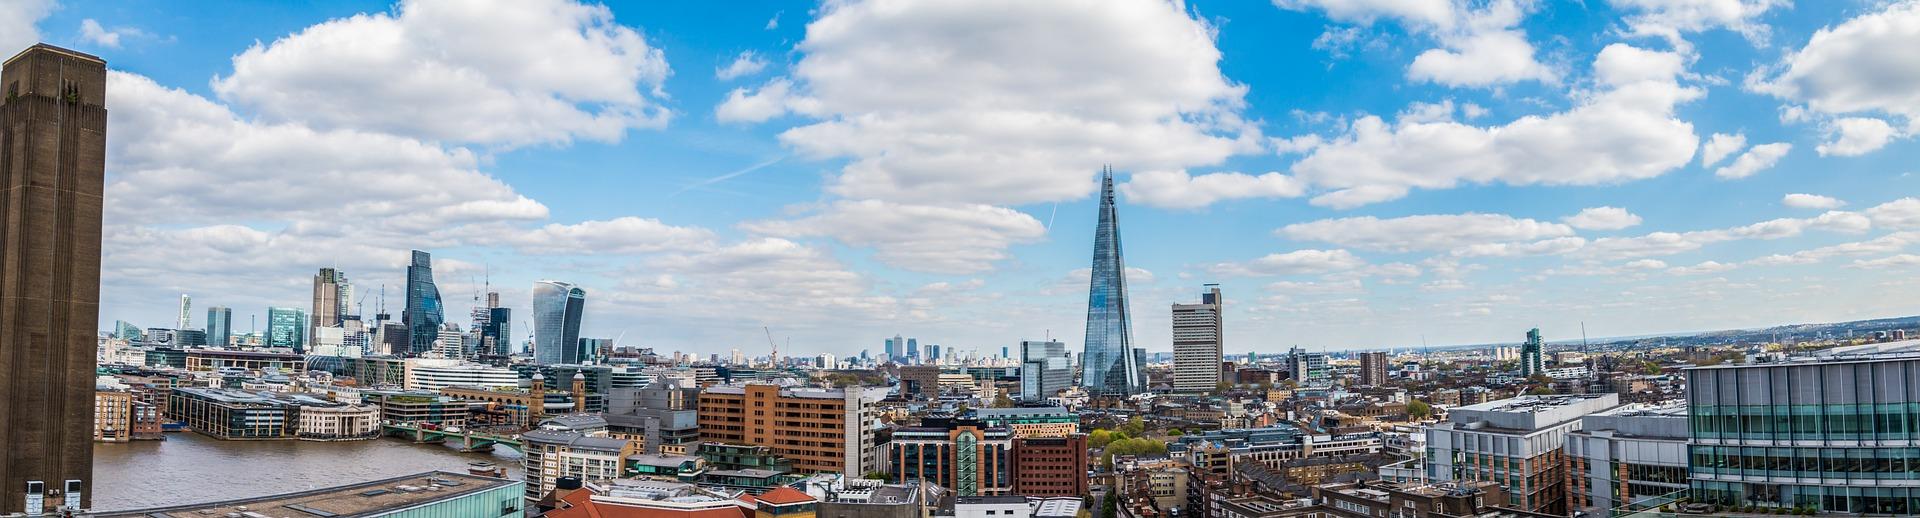 london-2239726_1920